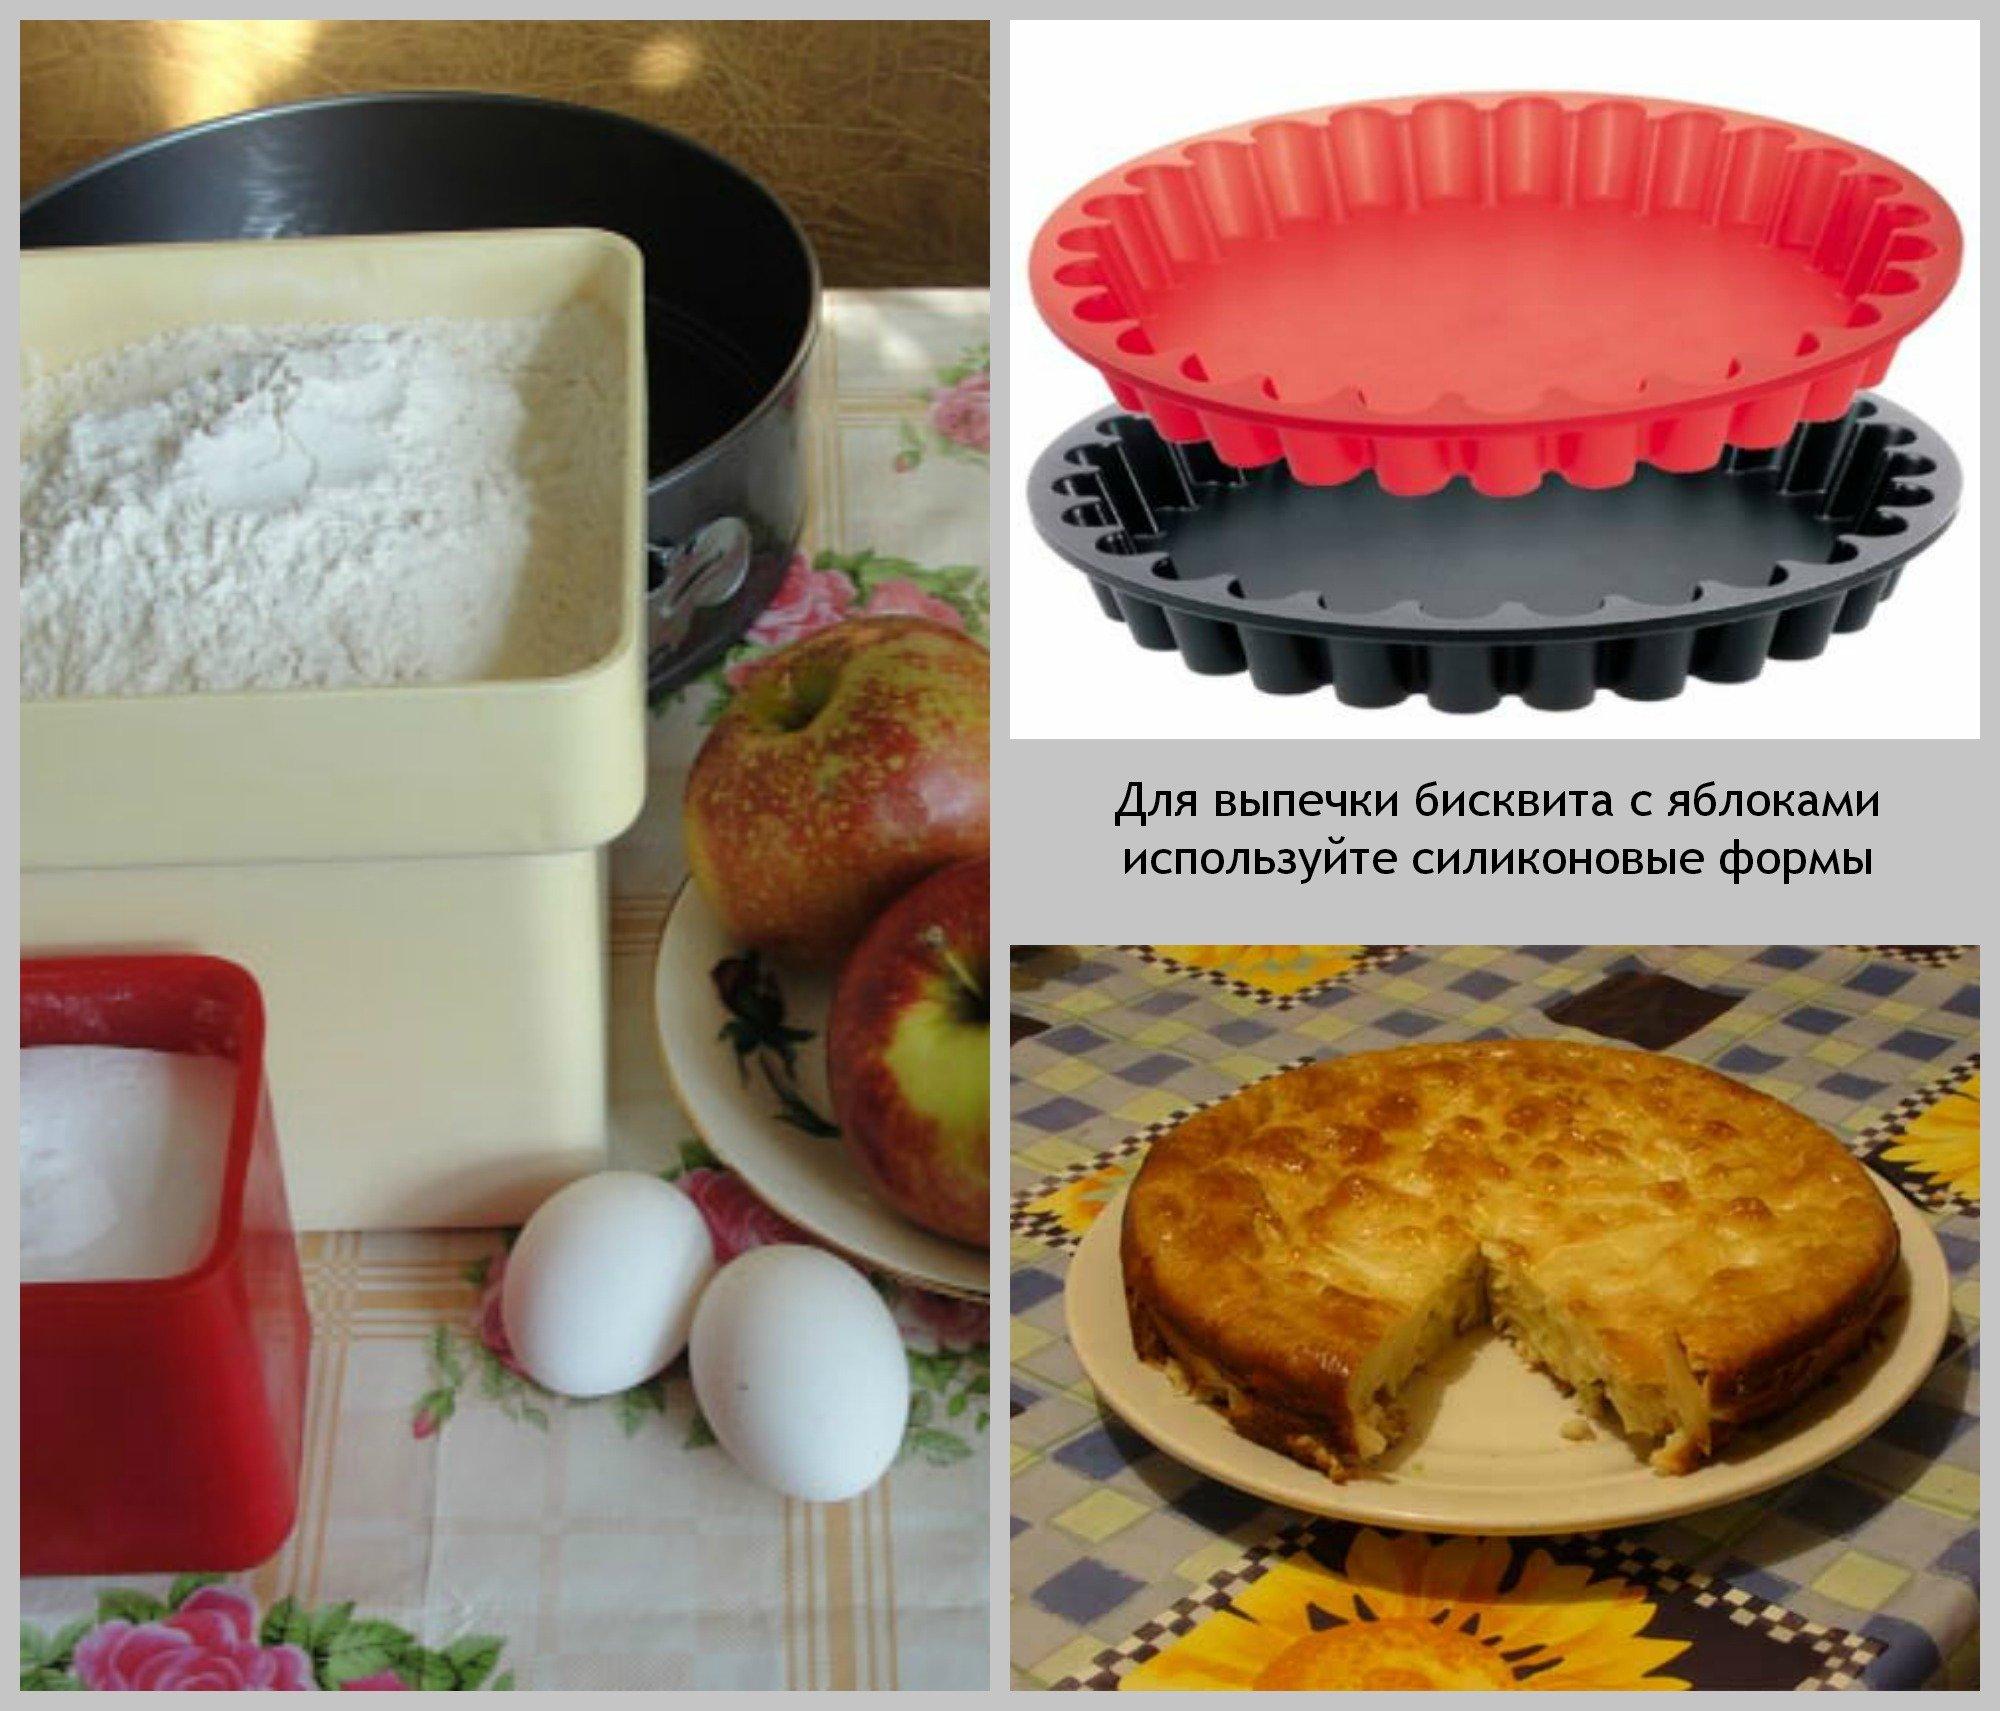 Вкусный бисквит рецепт в силиконовой форме